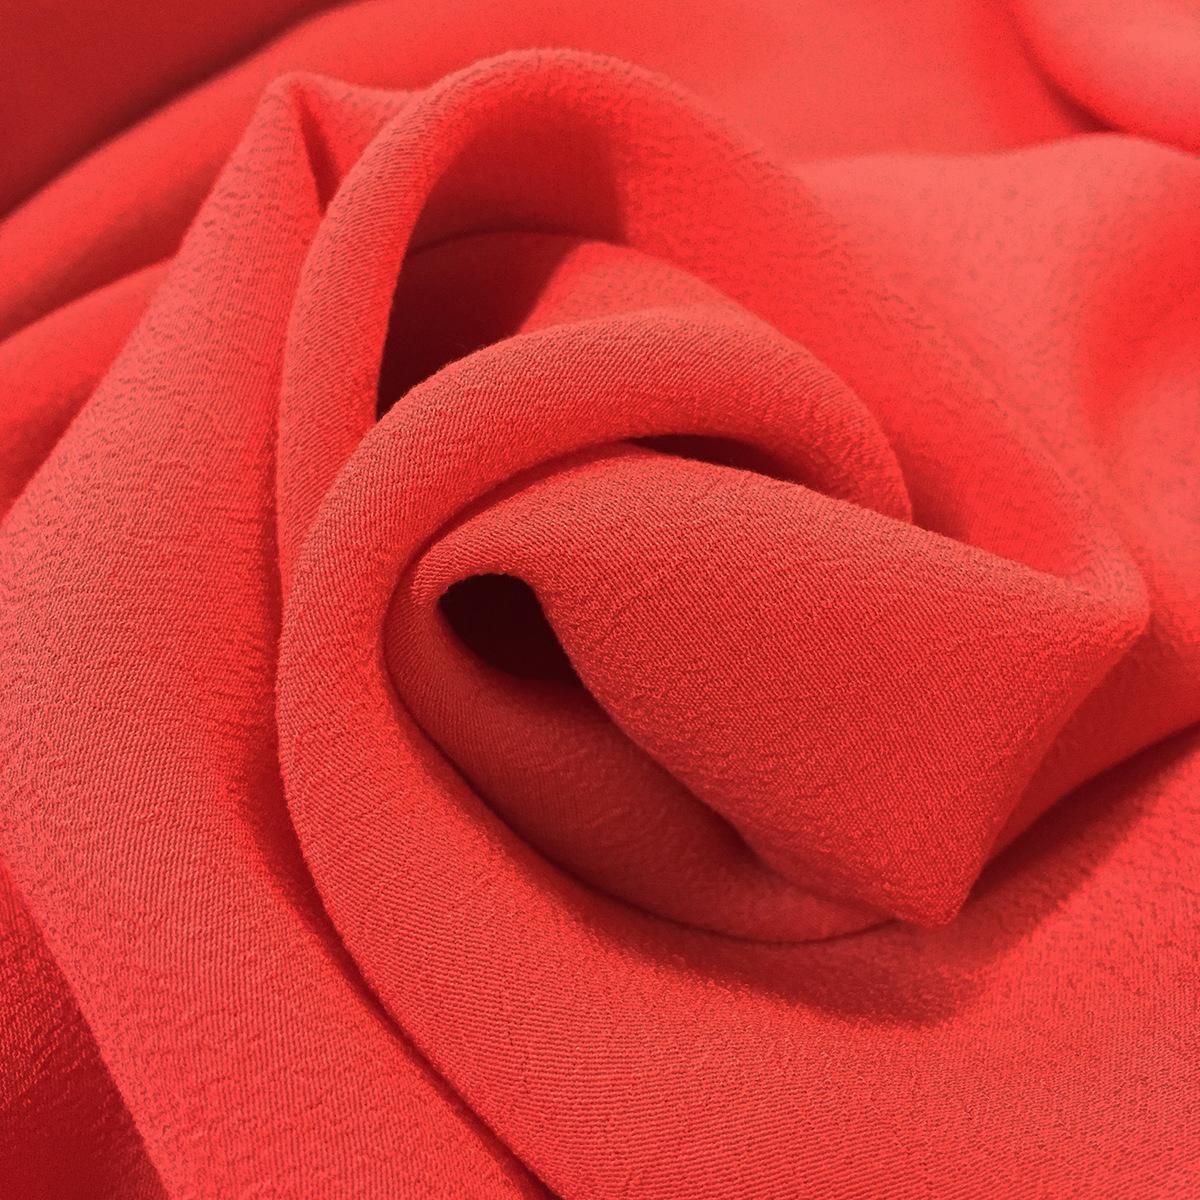 Софткоттон: что это за ткань, отзывы, разновидности, свойства и применение (постельное белье), состав, уход, цены